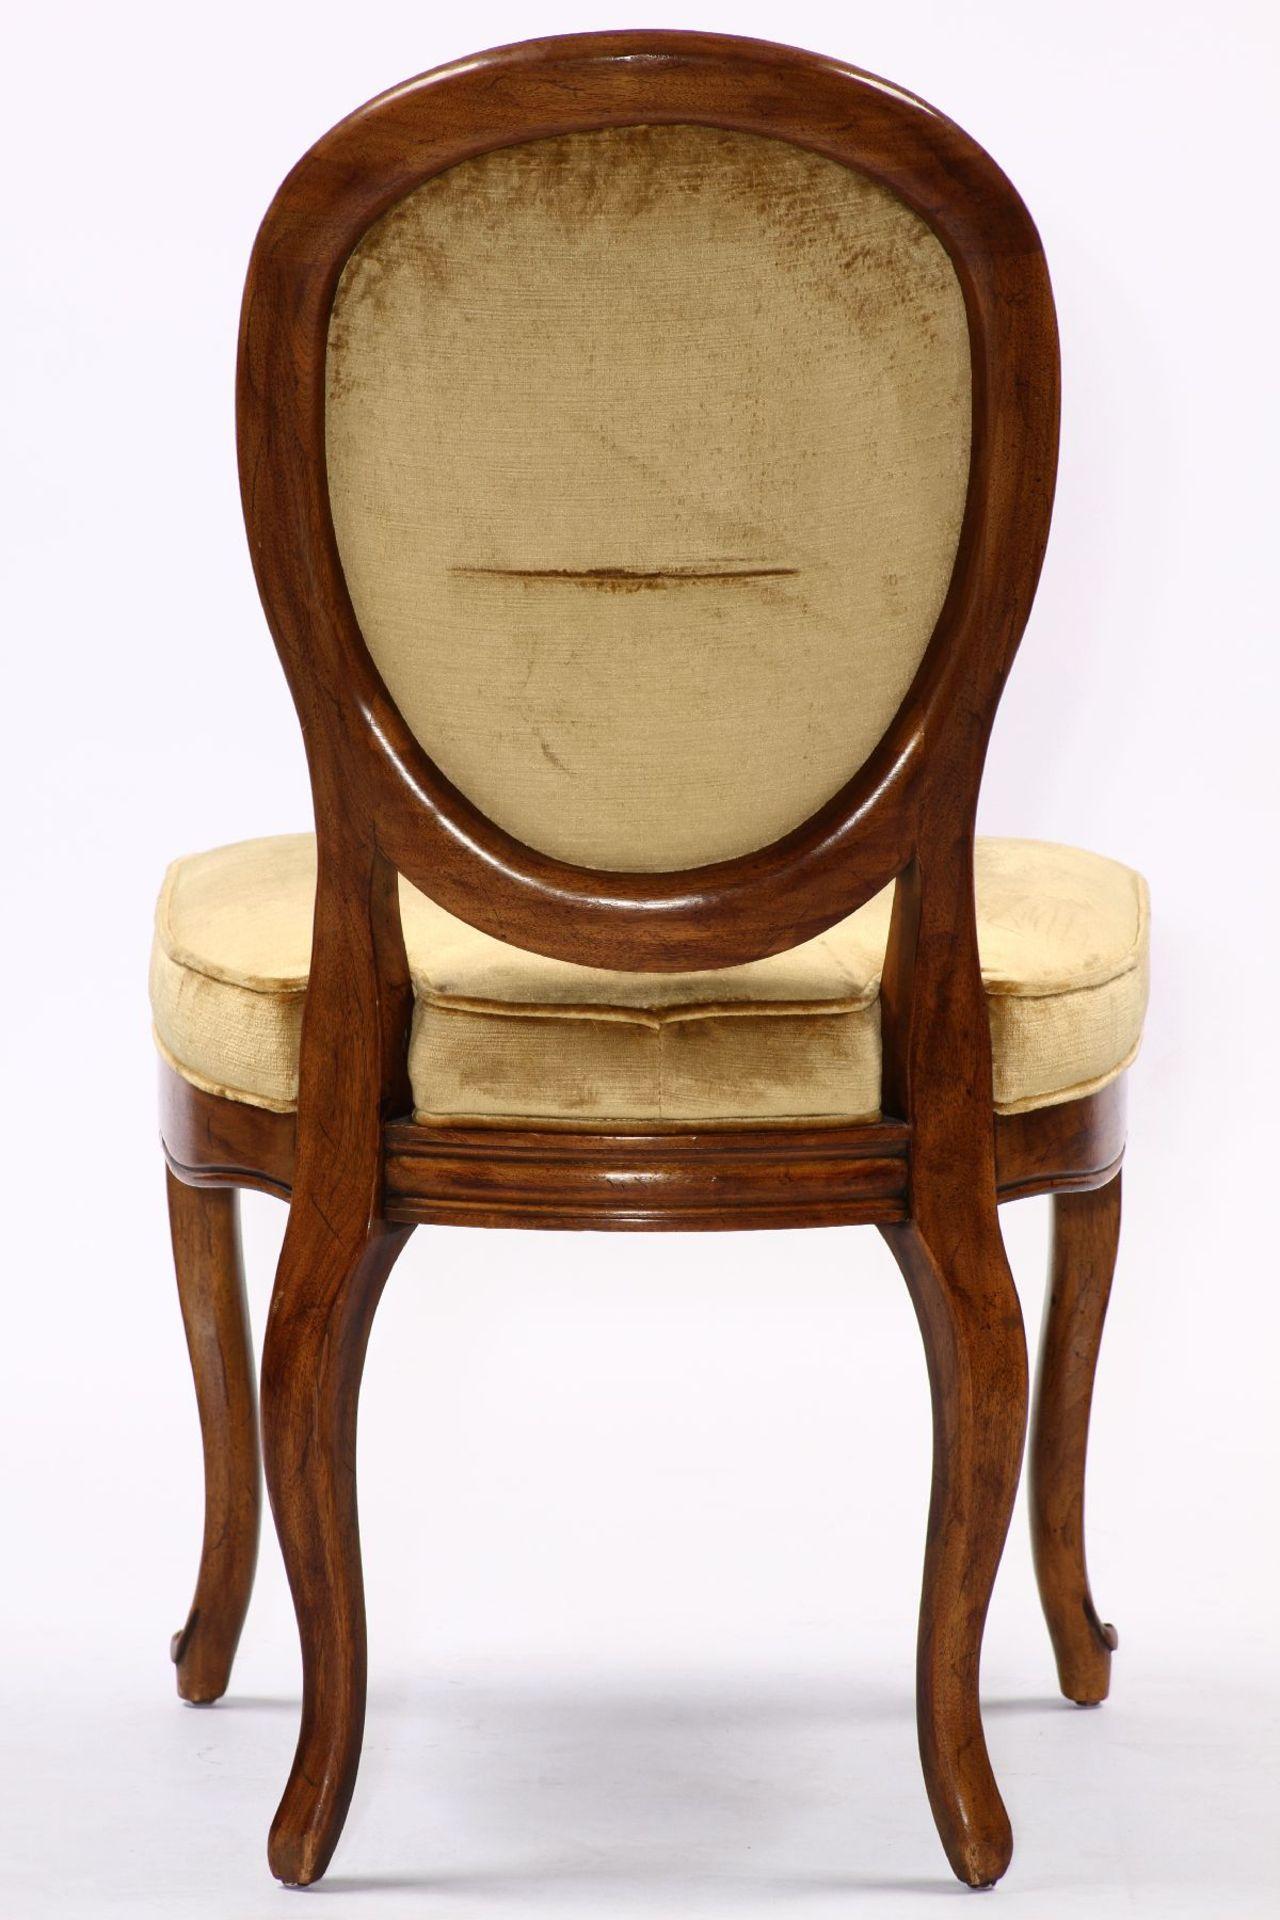 Damenschreibtisch mit Stuhl, 'Davis Cabinet Company', - Image 6 of 6